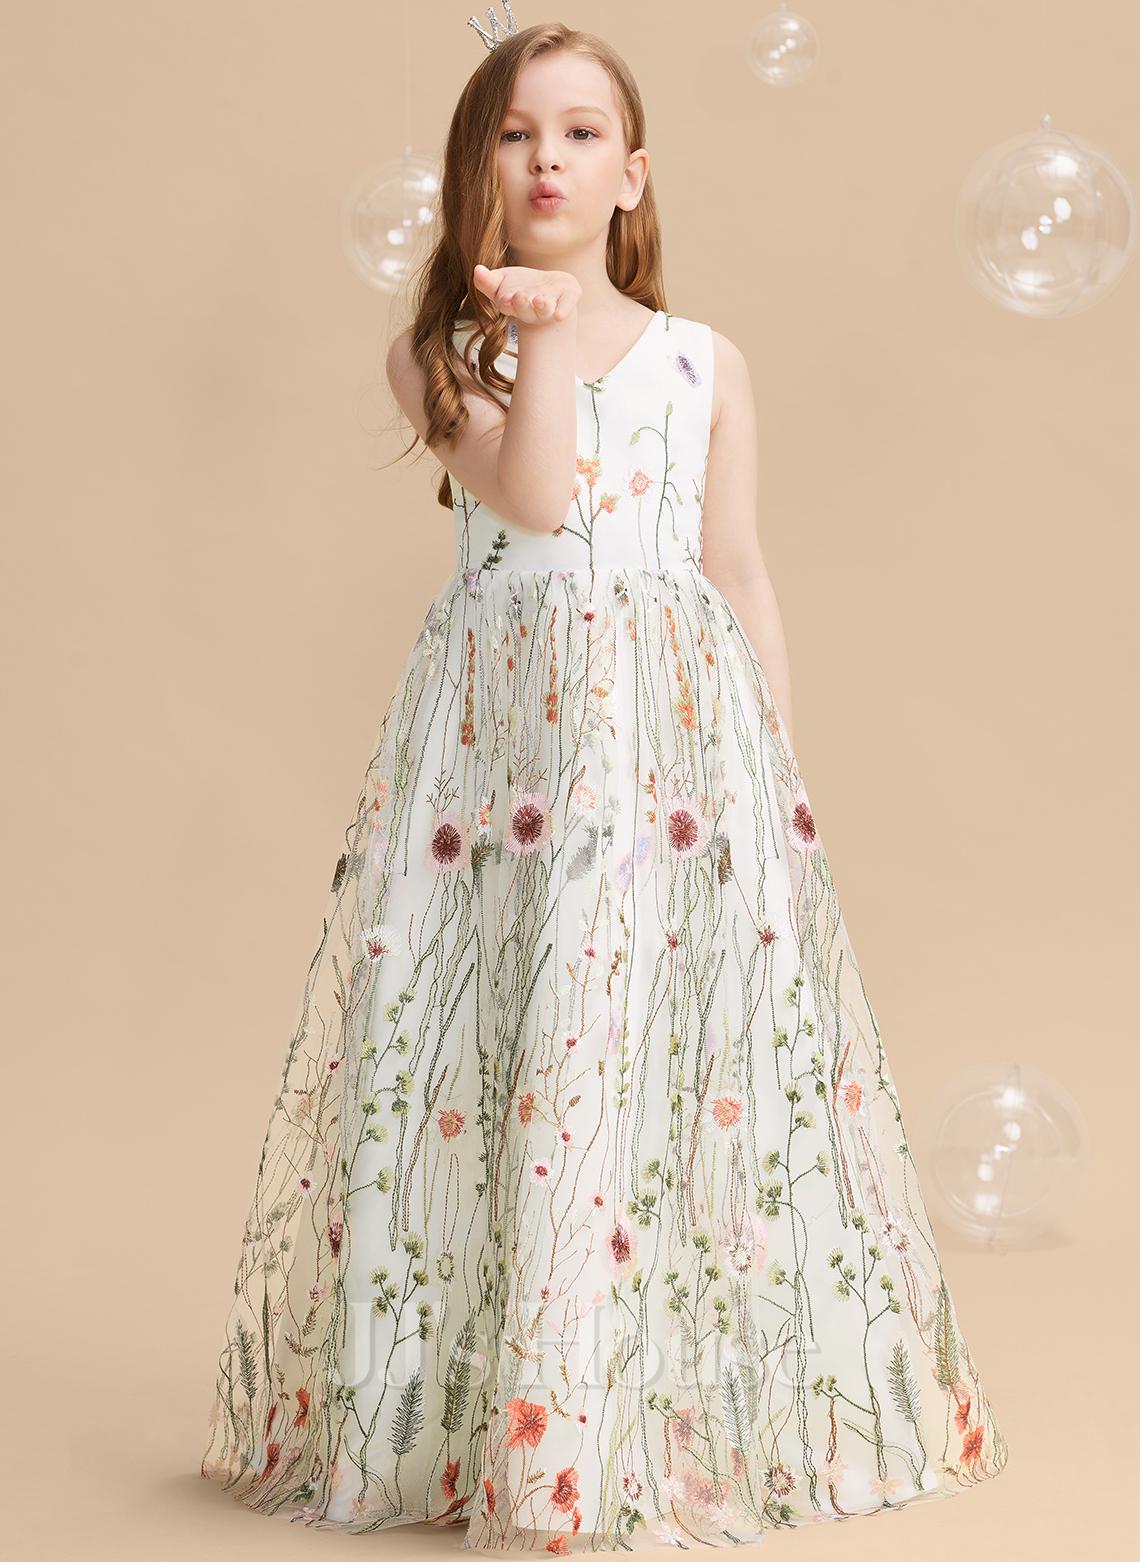 Do Podłogi Sukienka dla Dziewczynki Sypiącej Kwiaty - Żakard Bez Rękawów Litera V Z Kwiat(y) Pałąka (e)